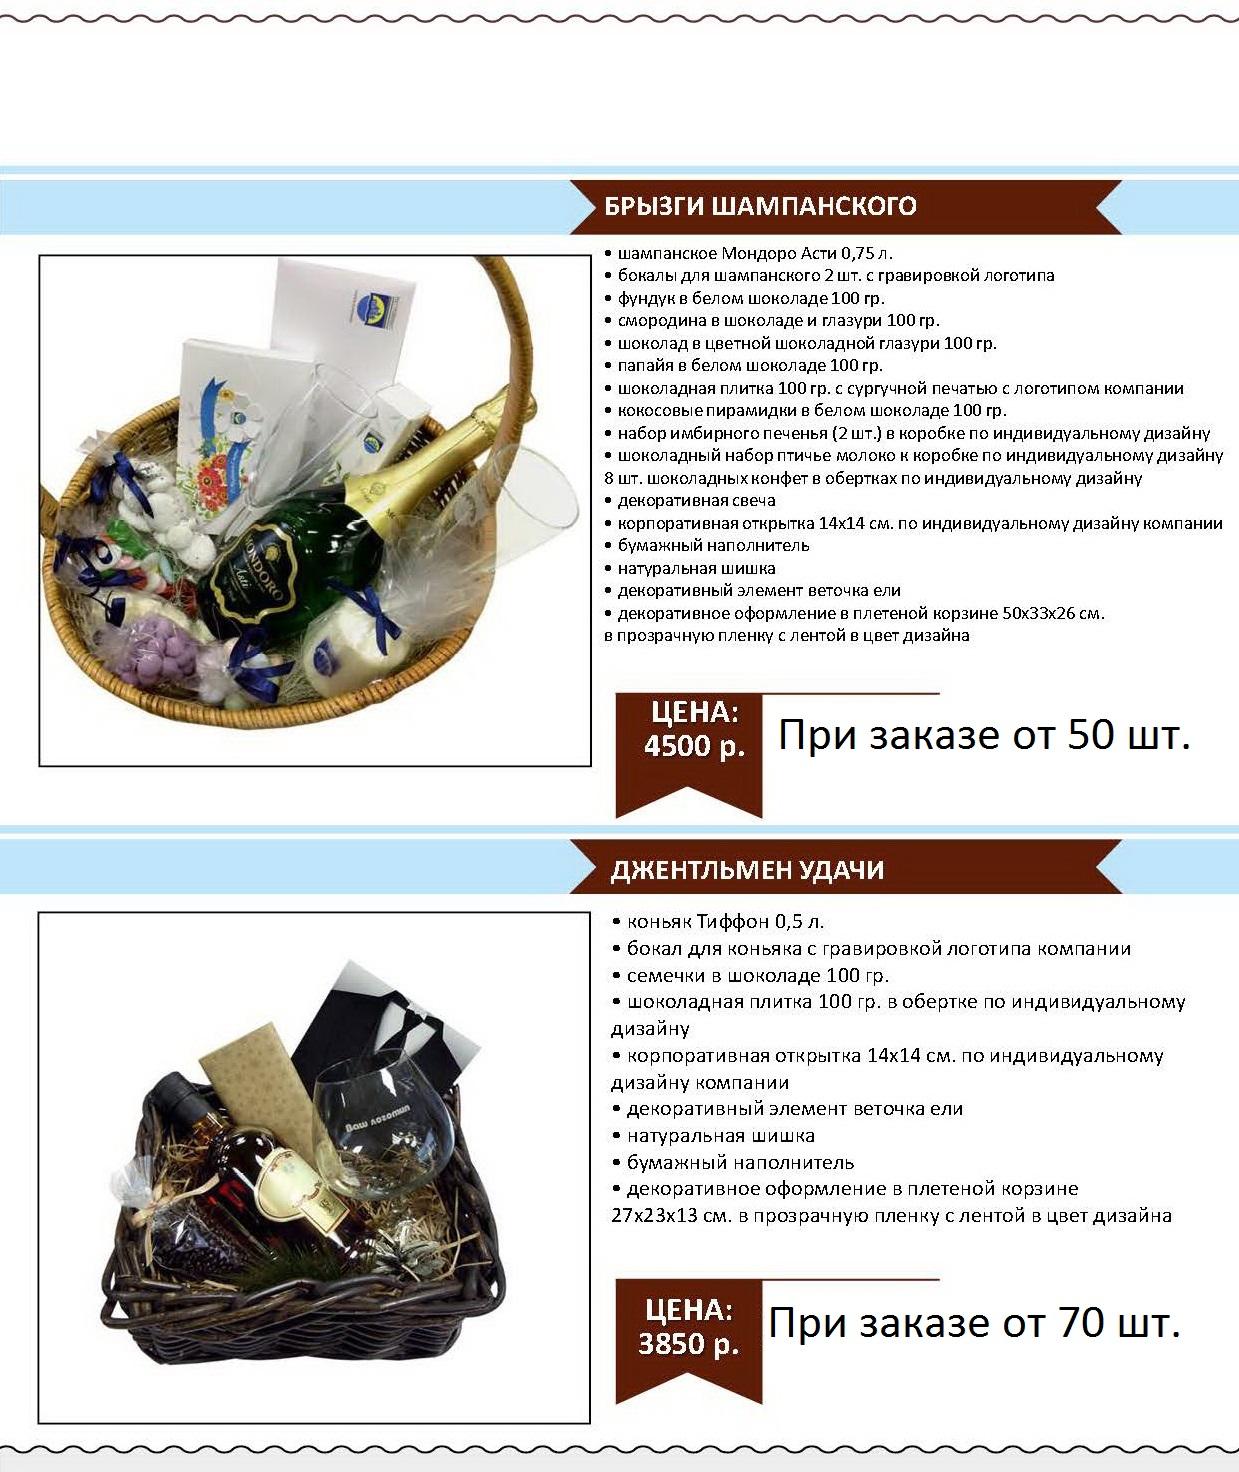 new_year_stranitsa_145